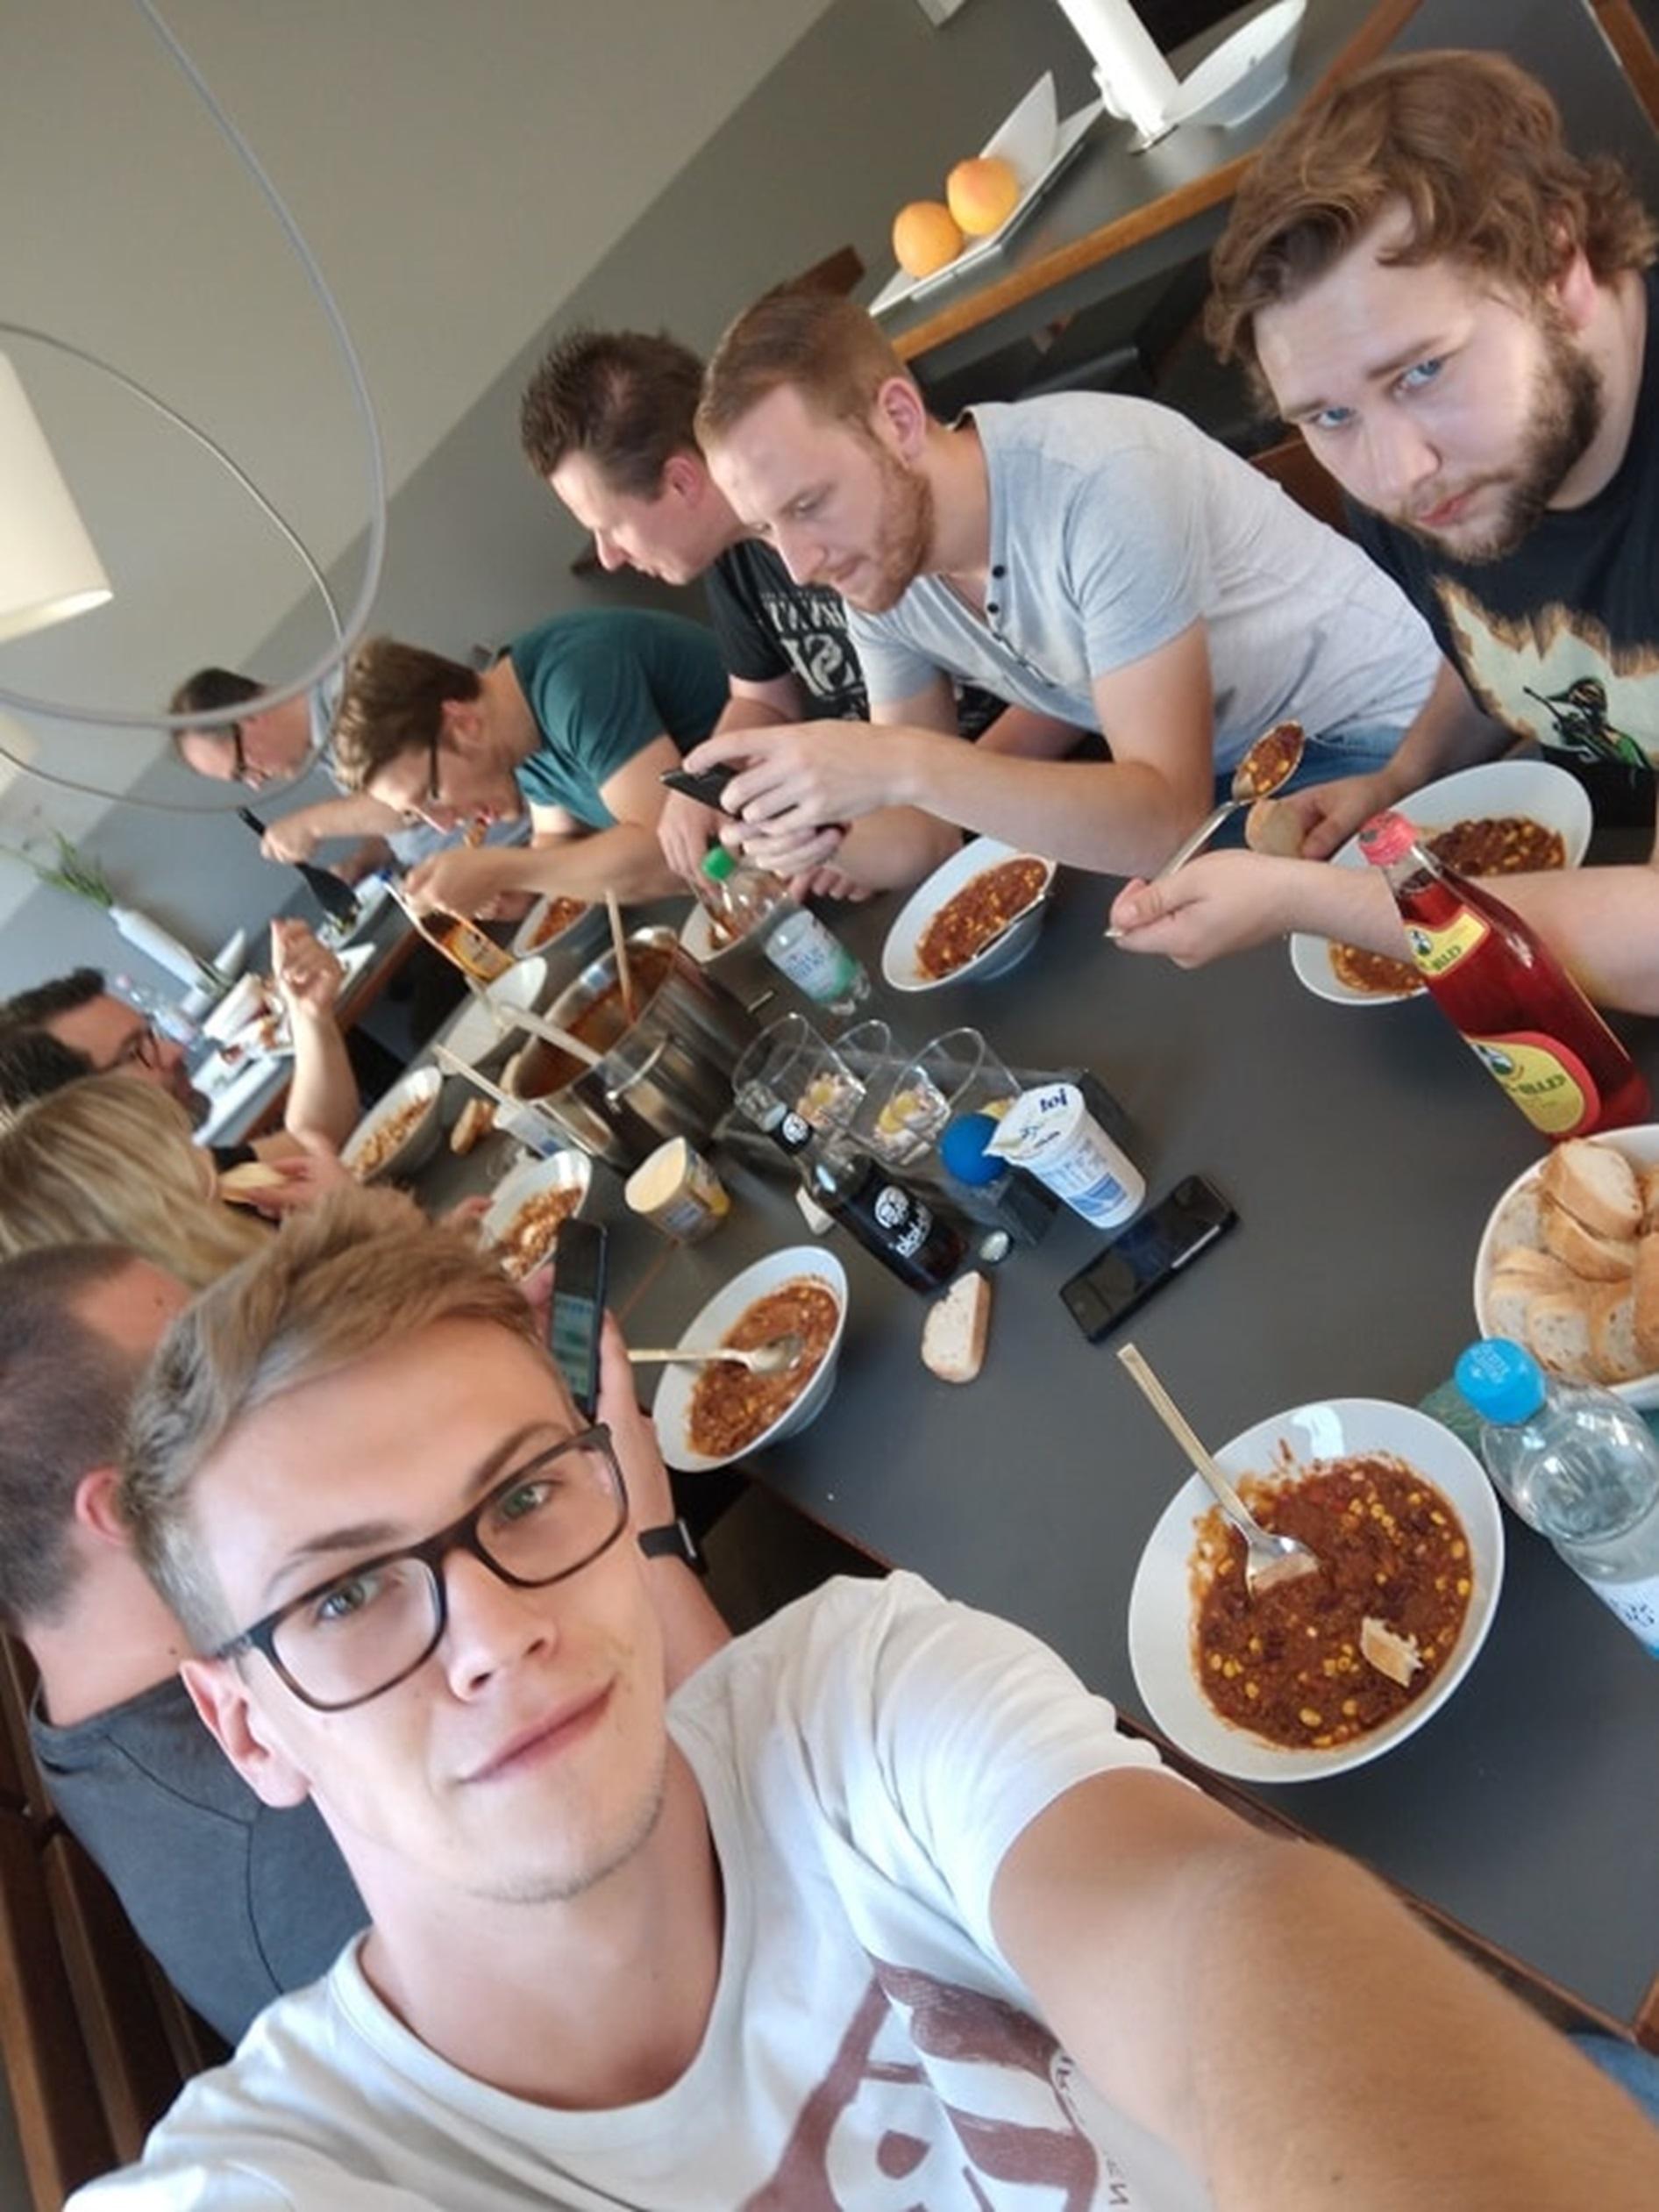 Selfie bei netzkern - Benedikt und co. beim Essen